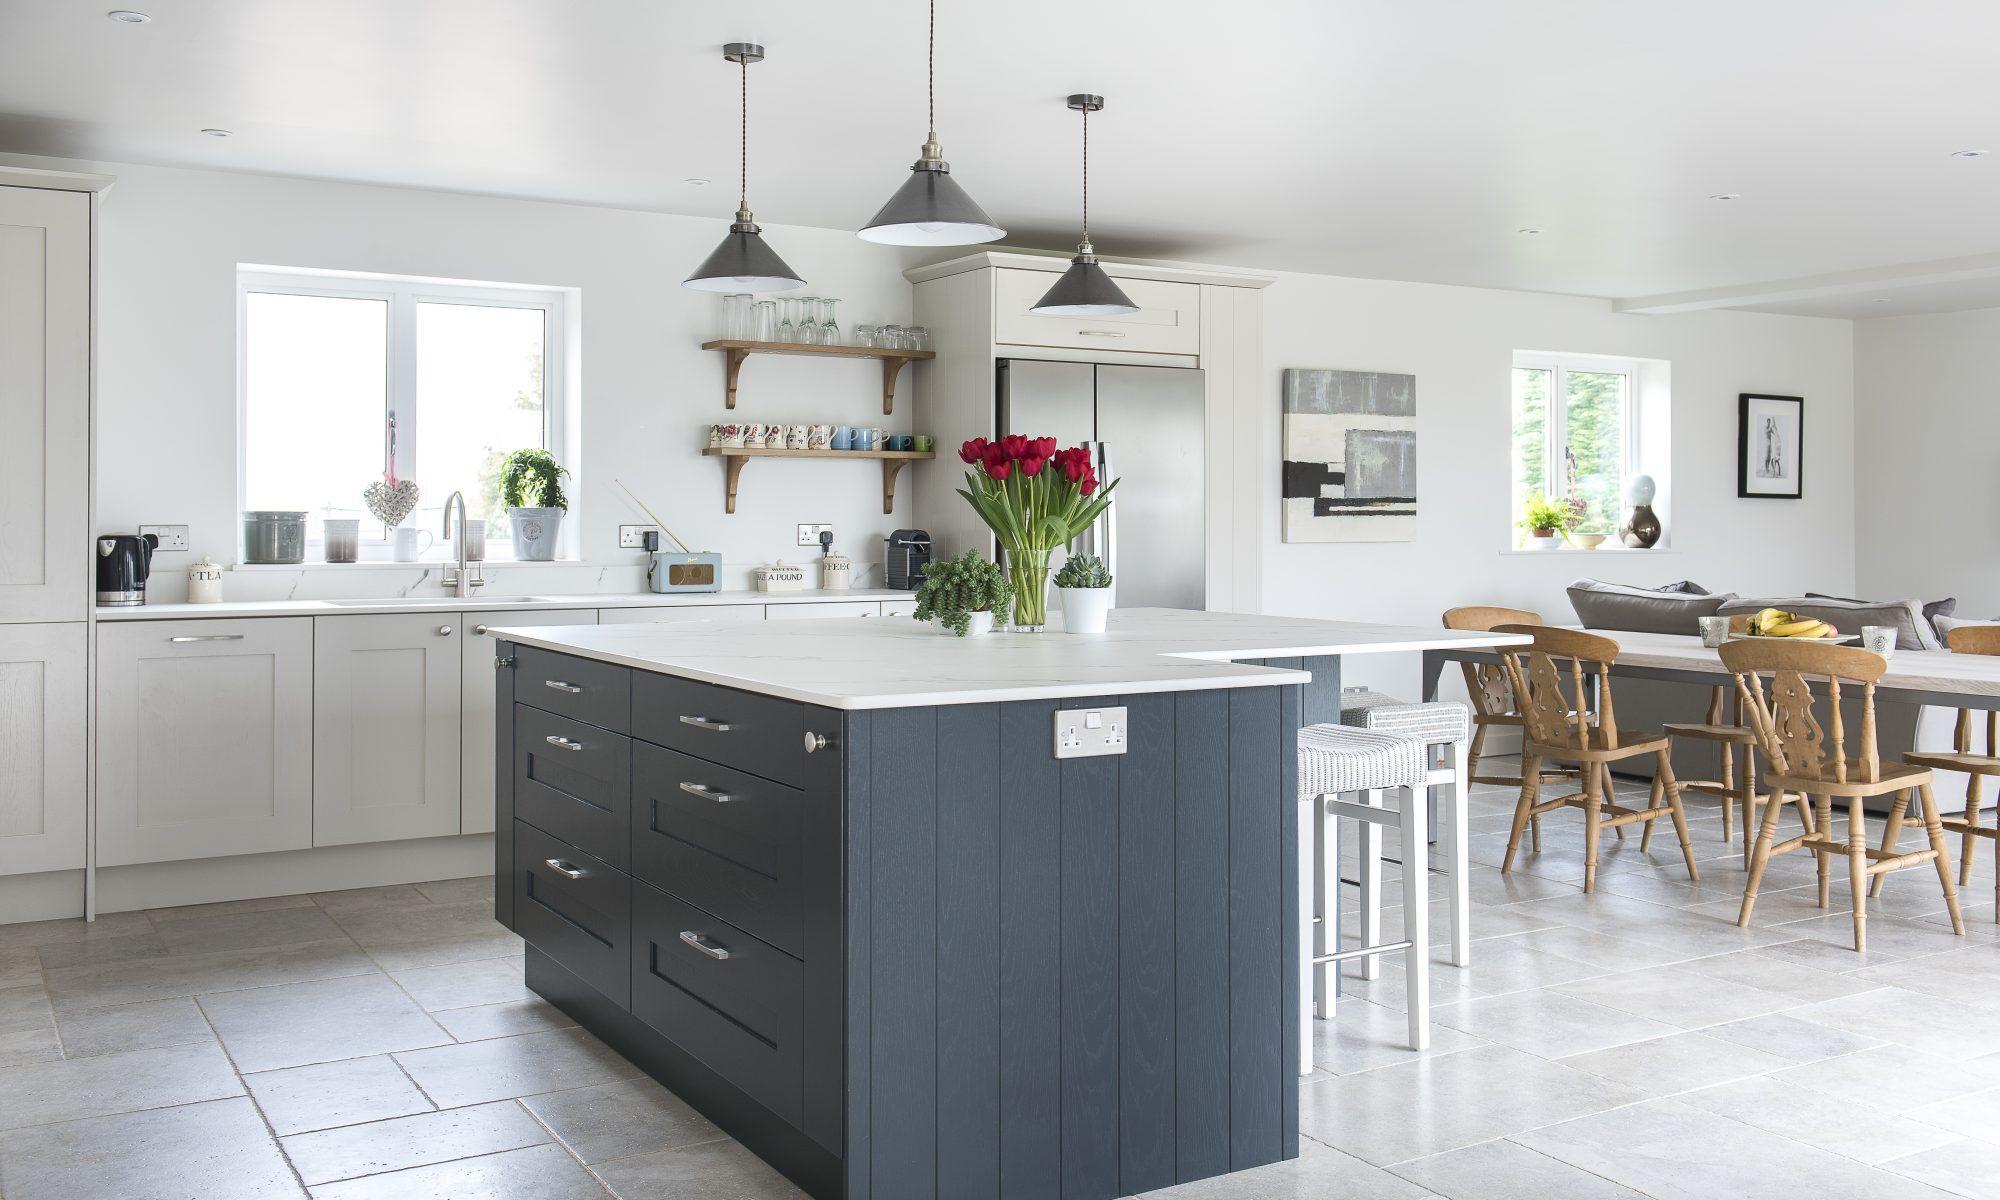 A classic monochrome kitchen, contemporary but still cosy